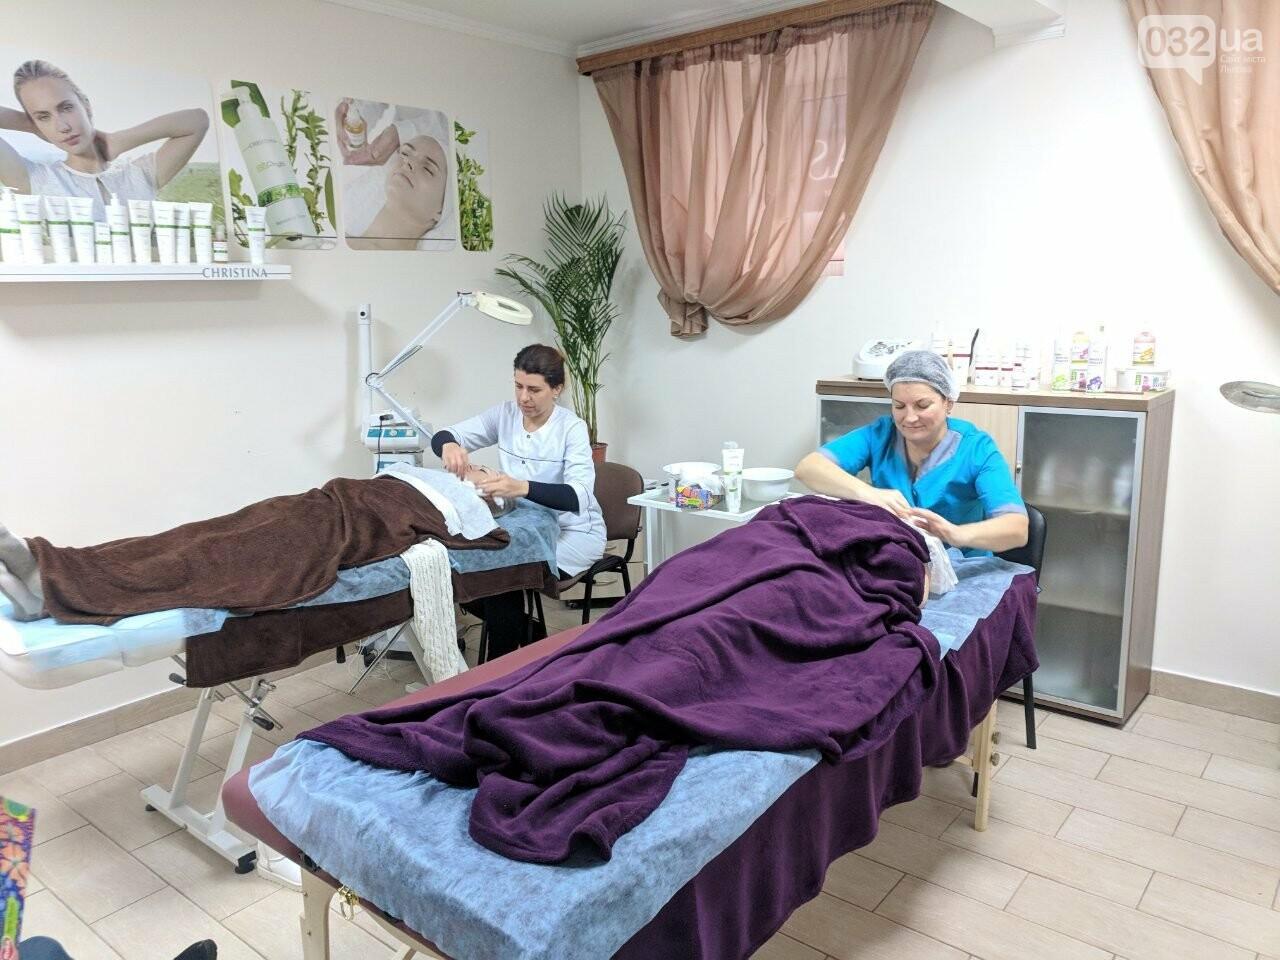 Нещодавно у Львові було відкрито ліцензовану школу краси та здоров'я., фото-2